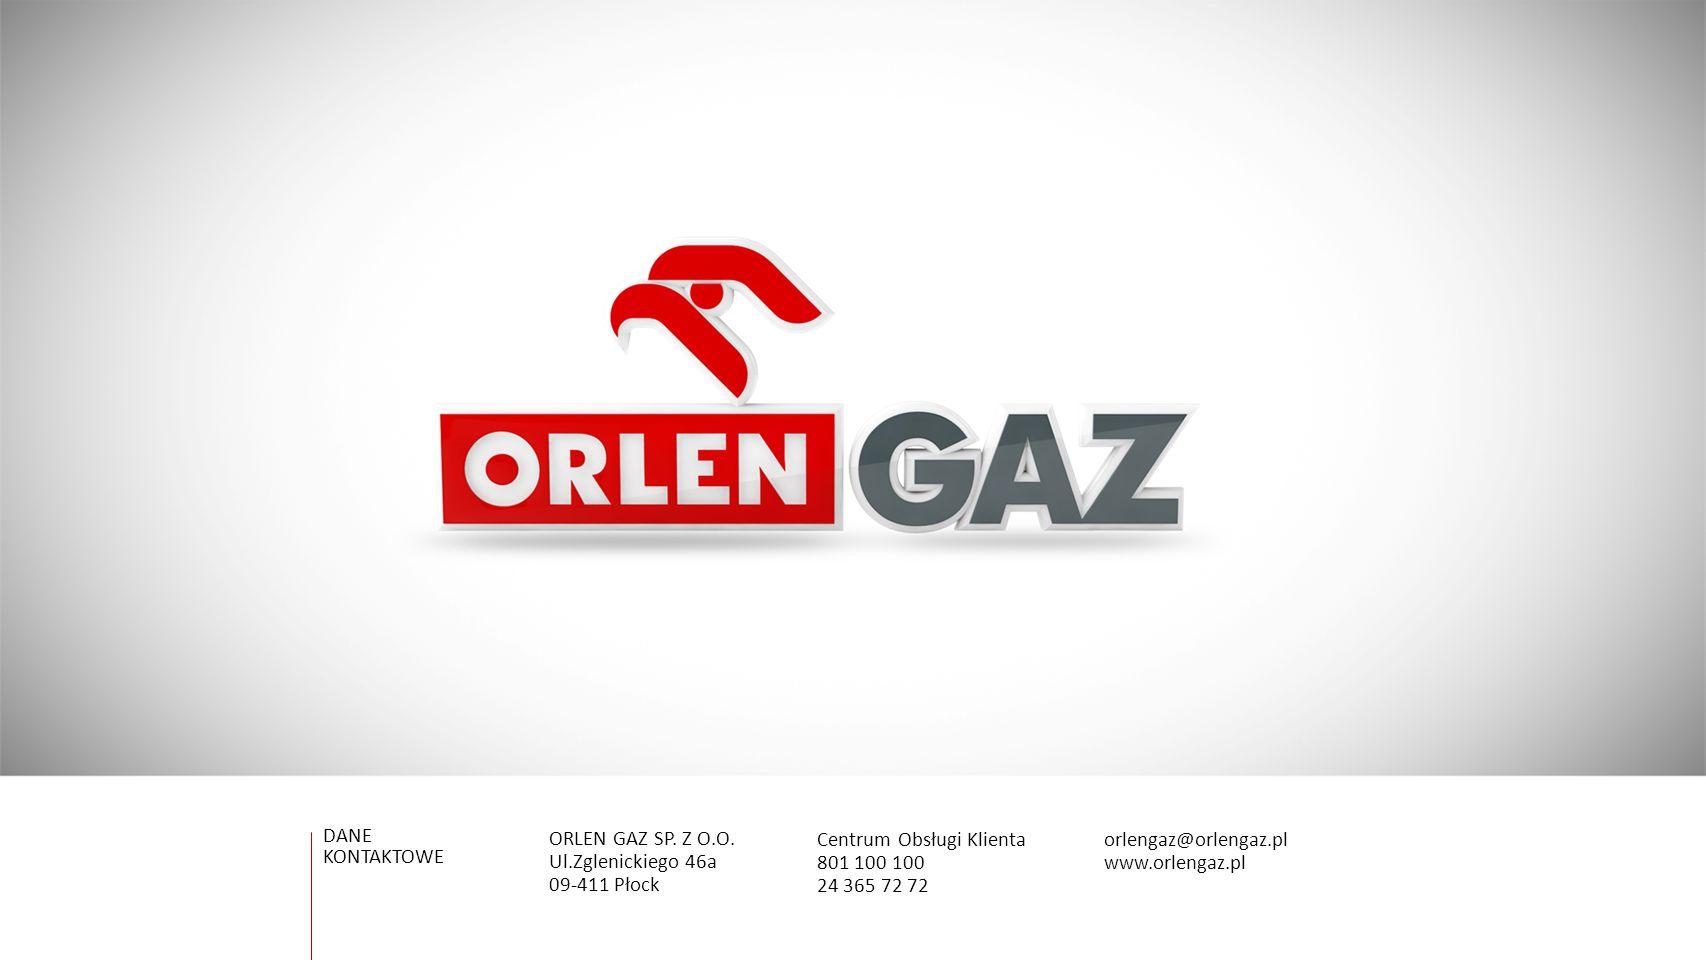 DANE KONTAKTOWE Centrum Obsługi Klienta 801 100 100 24 365 72 72 ORLEN GAZ SP. Z O.O. Ul.Zglenickiego 46a 09-411 Płock orlengaz@orlengaz.pl www.orleng